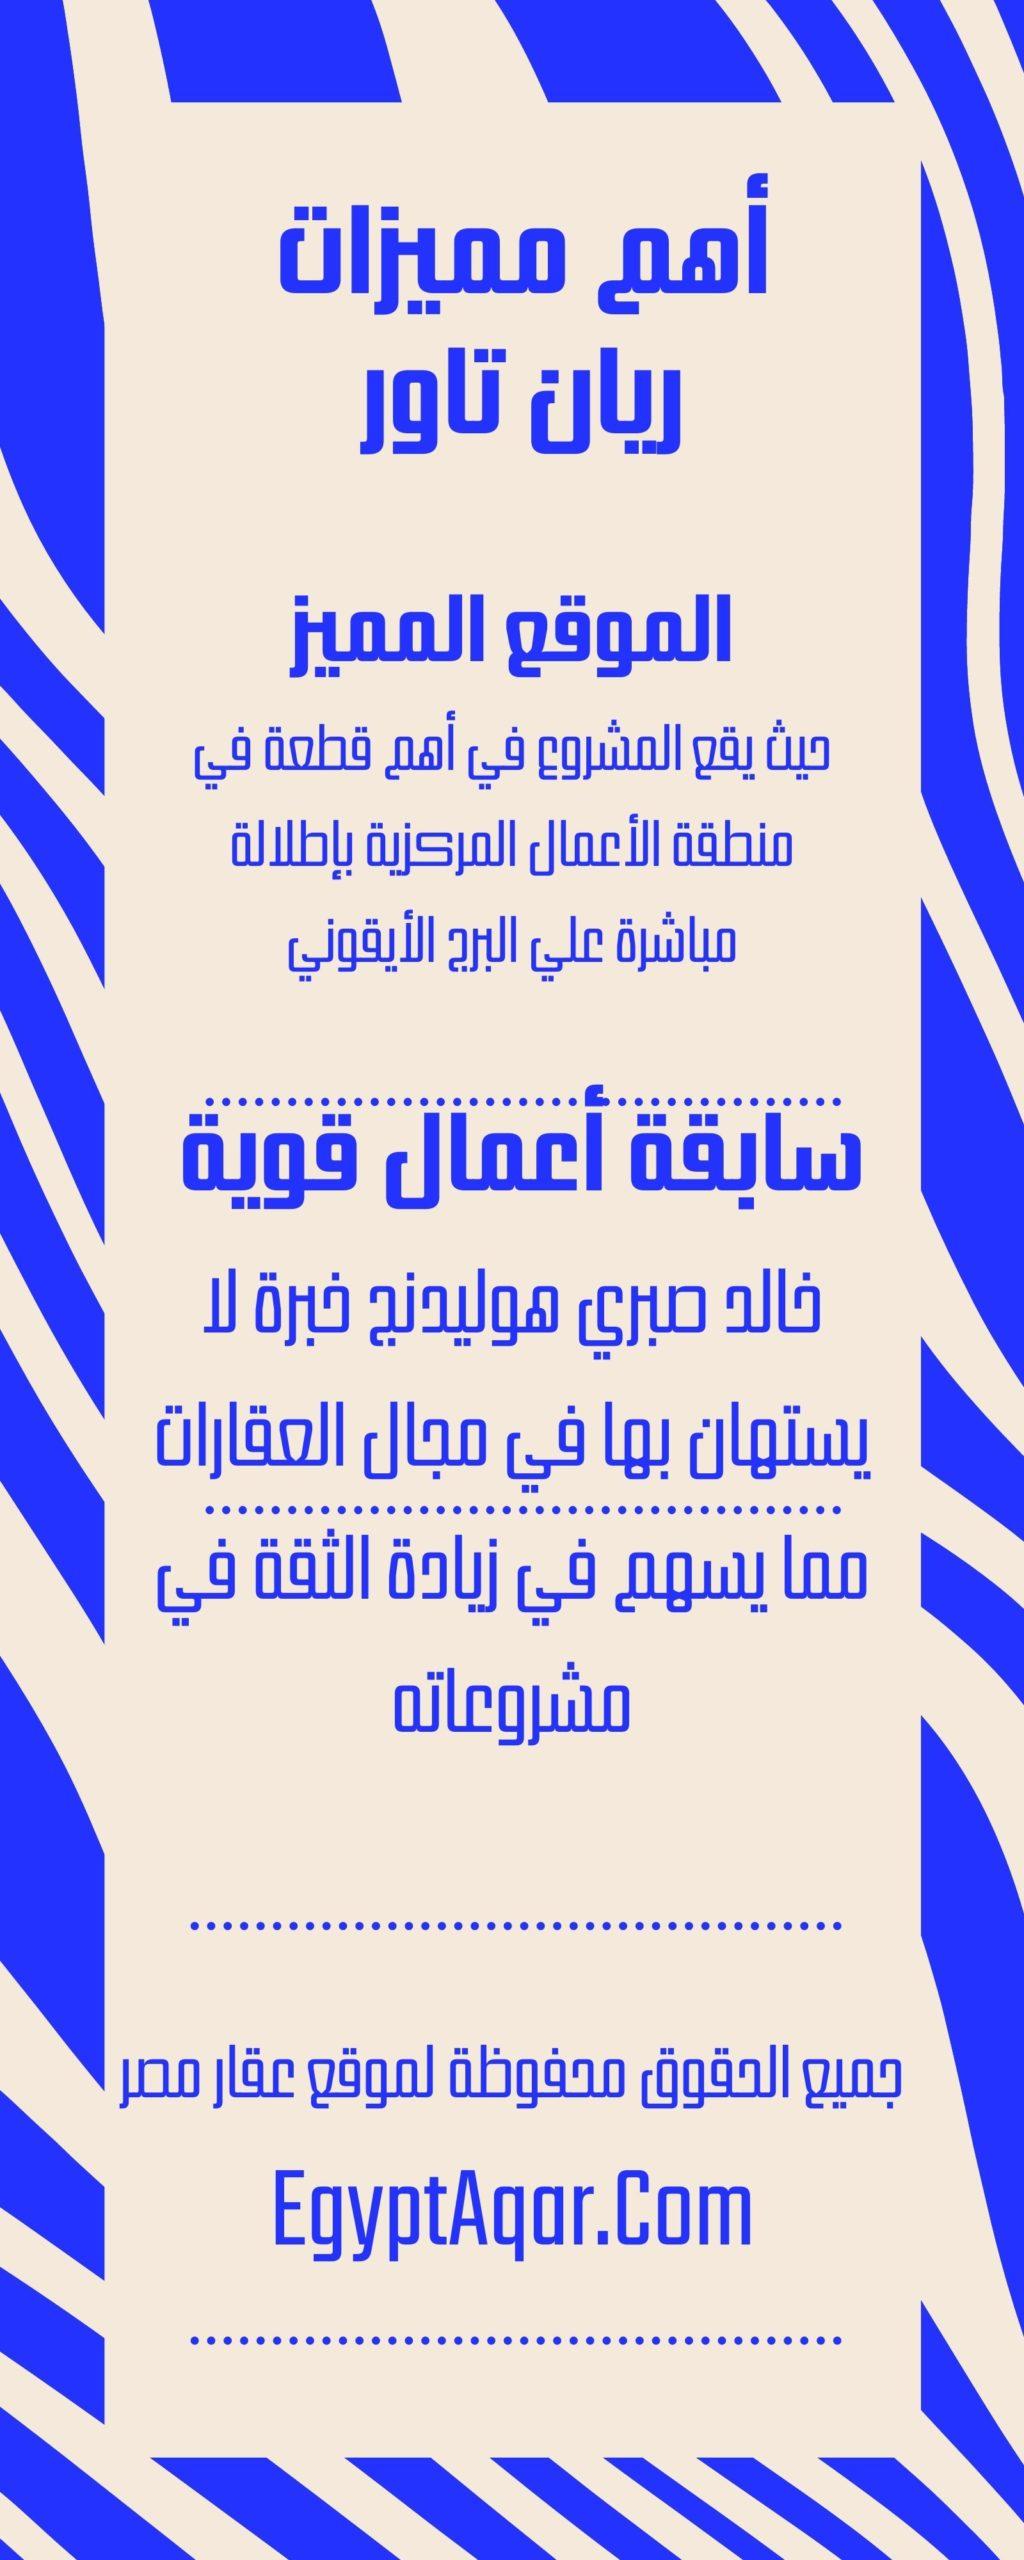 مشروع خالد صبري في منطقة الأعمال المركزية